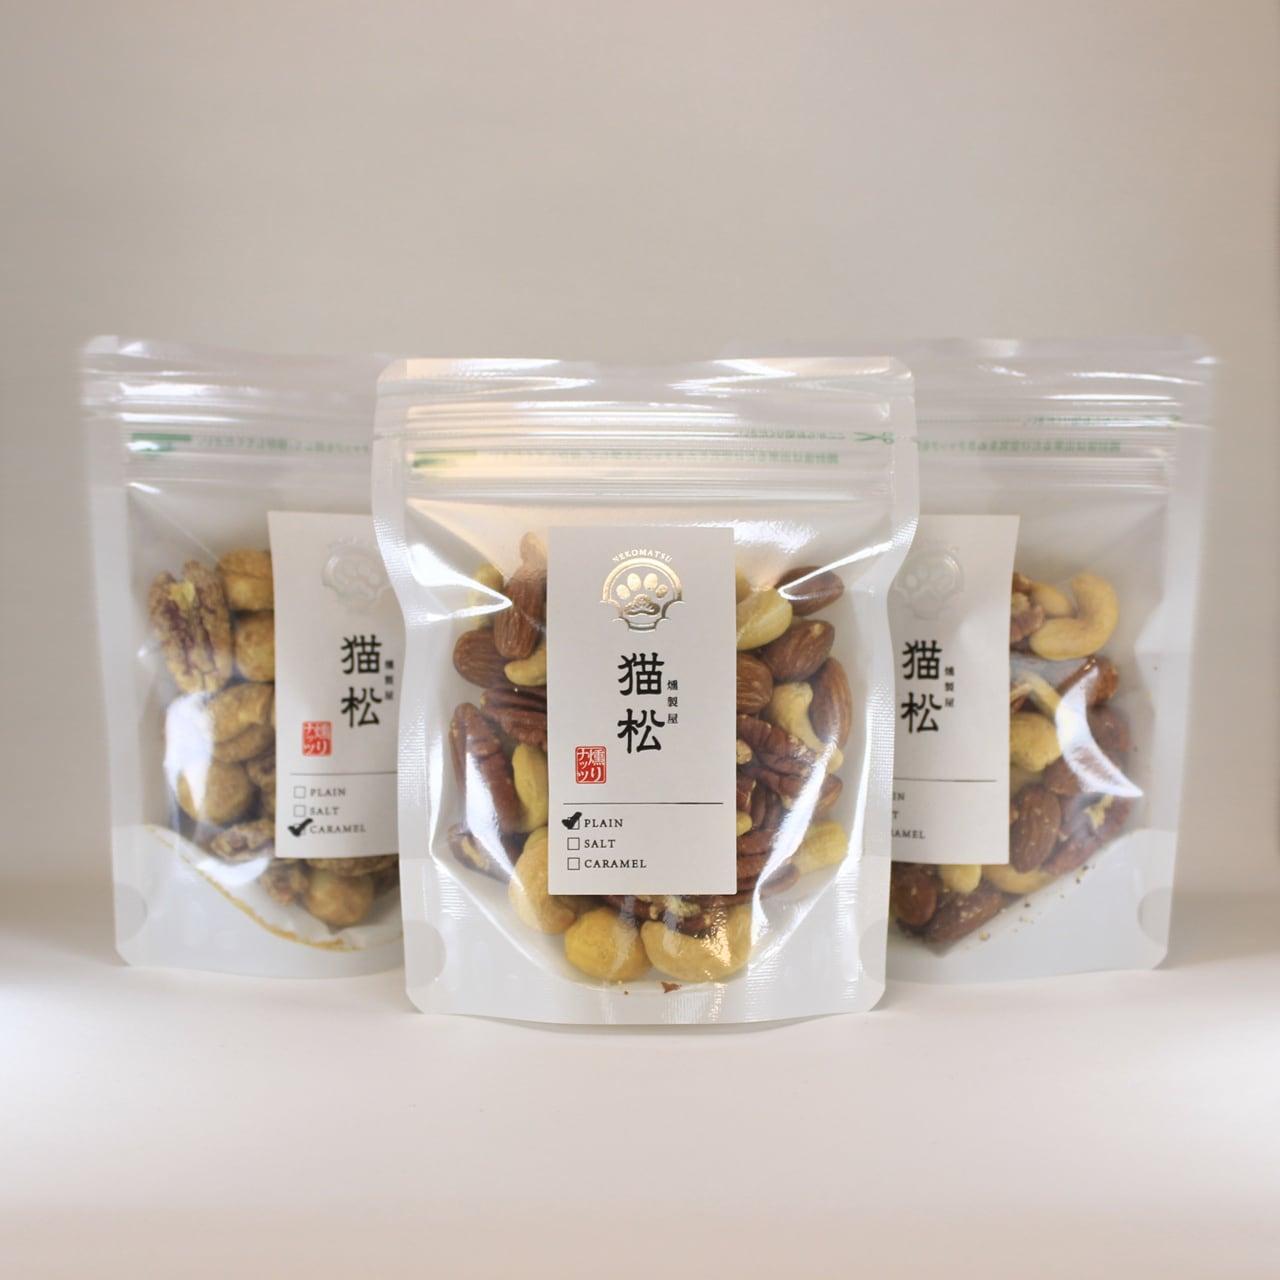 燻りナッツ(レギュラーサイズ) 味はプレーン・ソルト・キャラメルの3種類からお選びいただけます《燻製屋 猫松》